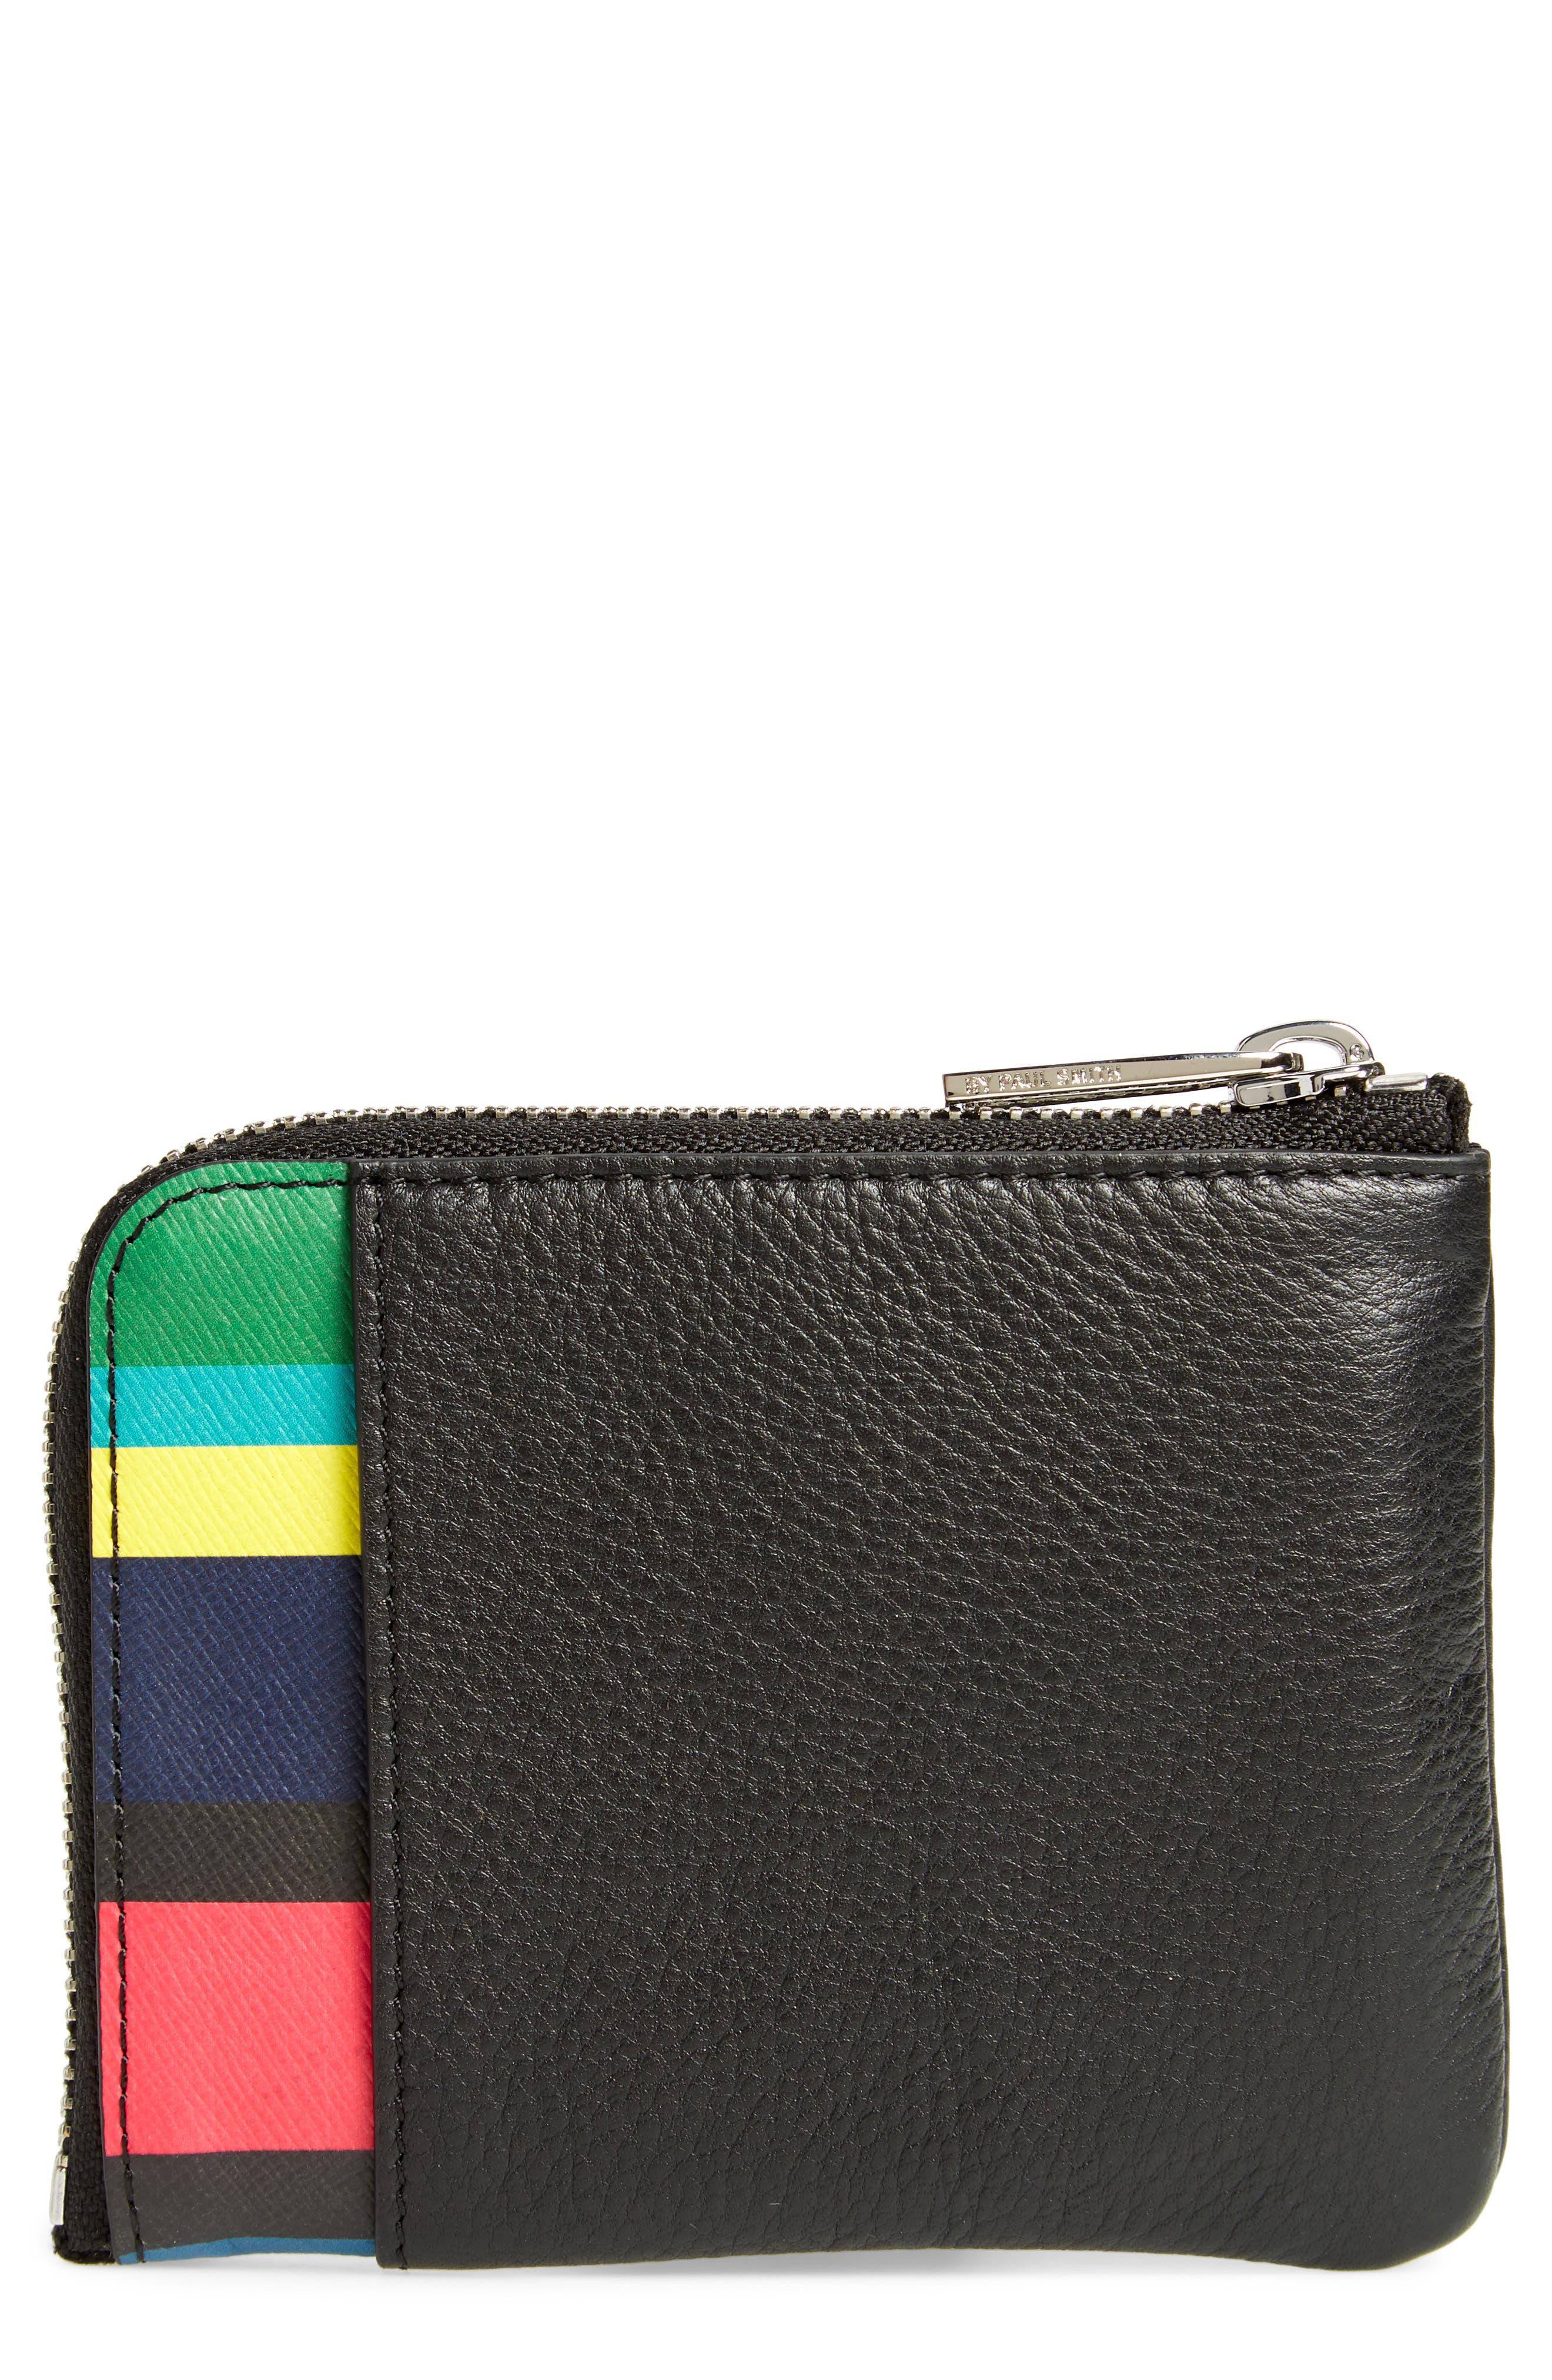 Paul Smith Corner Zip Wallet